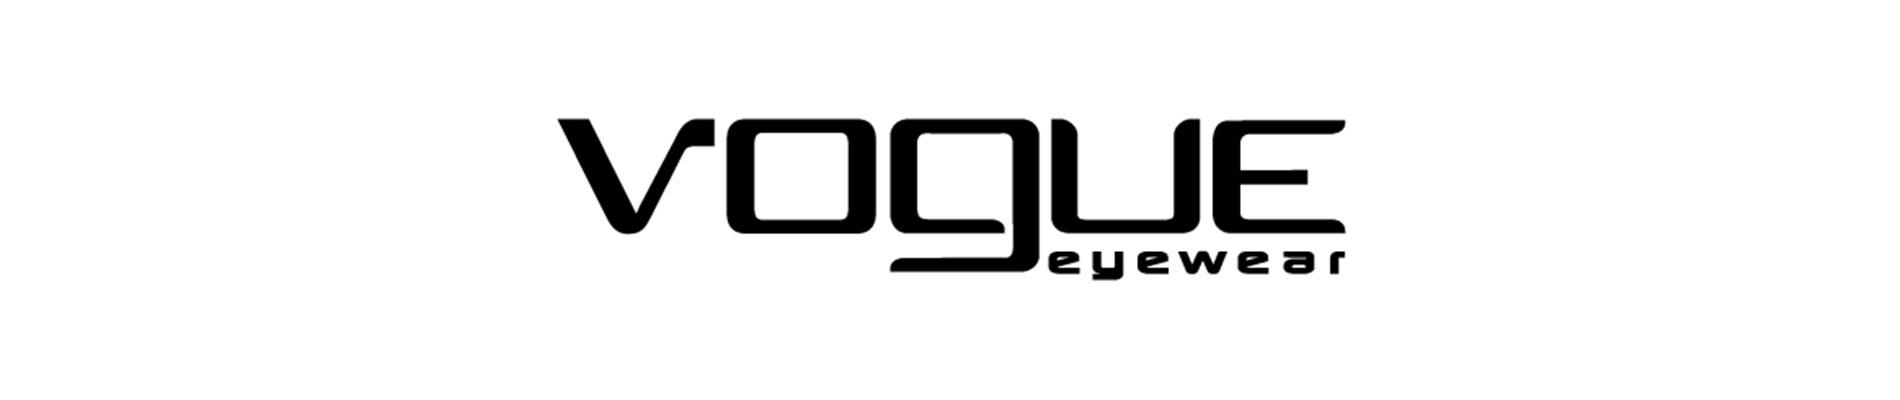 Vogue Eyewear designer frame logo